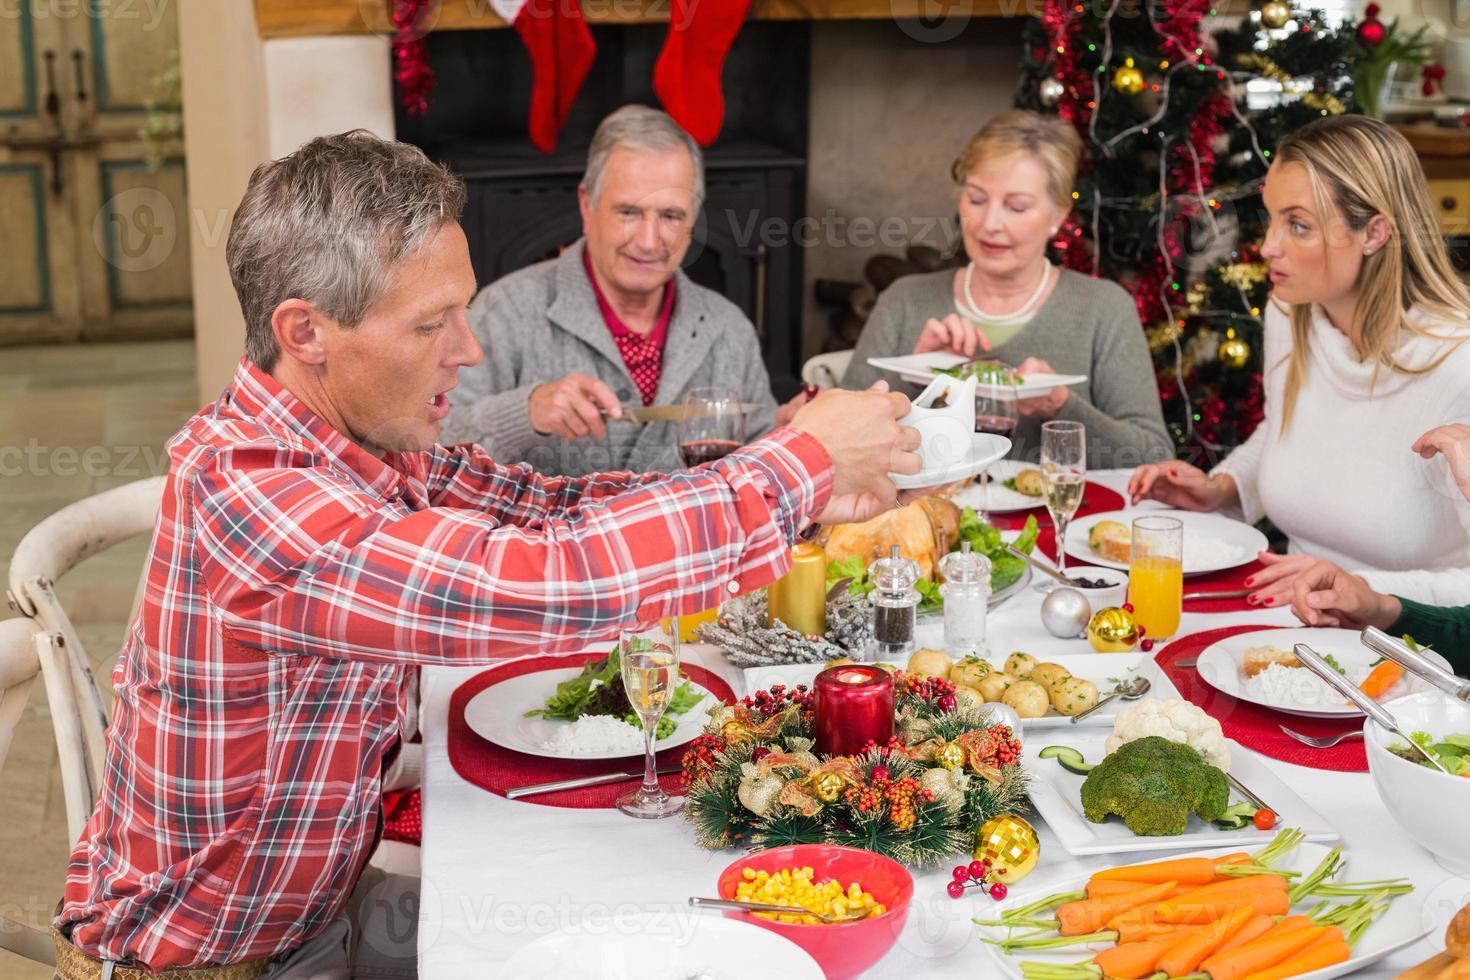 famiglia di tre generazioni a cena di Natale insieme foto